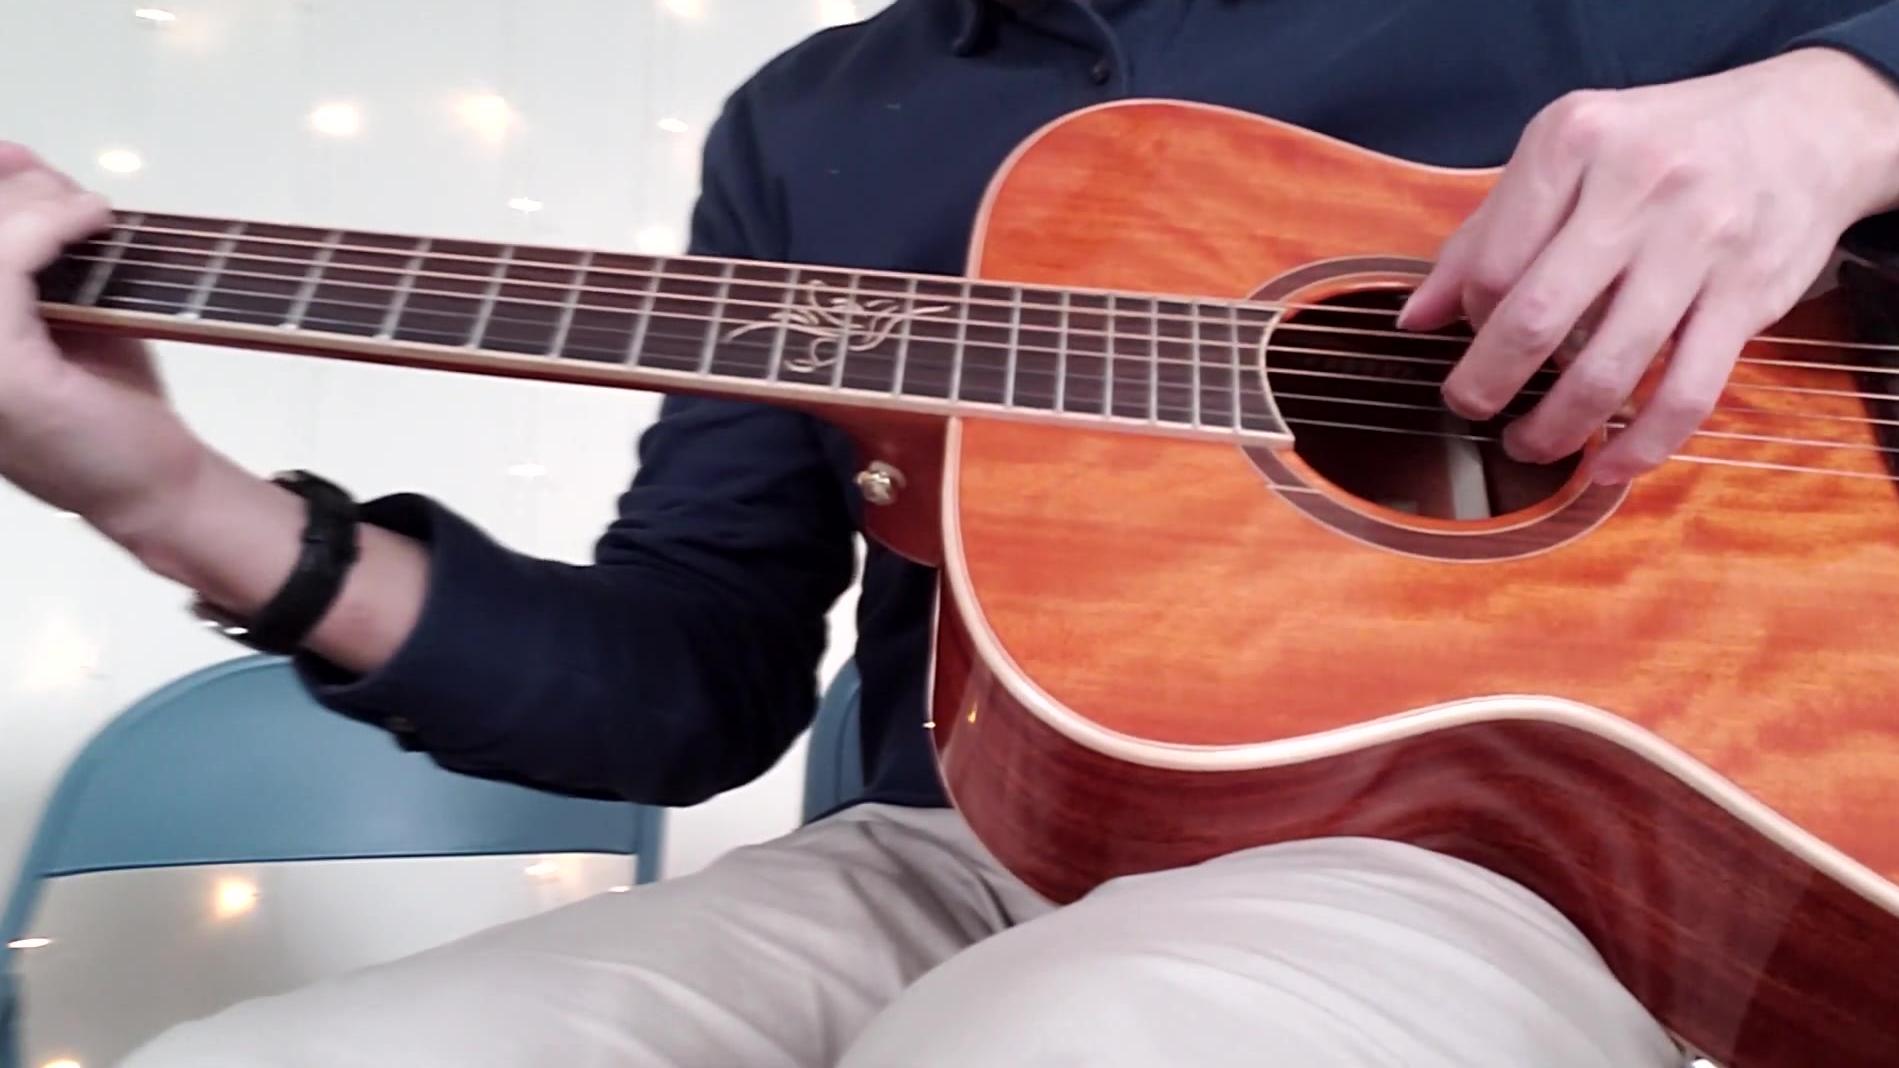 这个小哥哥弹吉他真好听哈哈哈